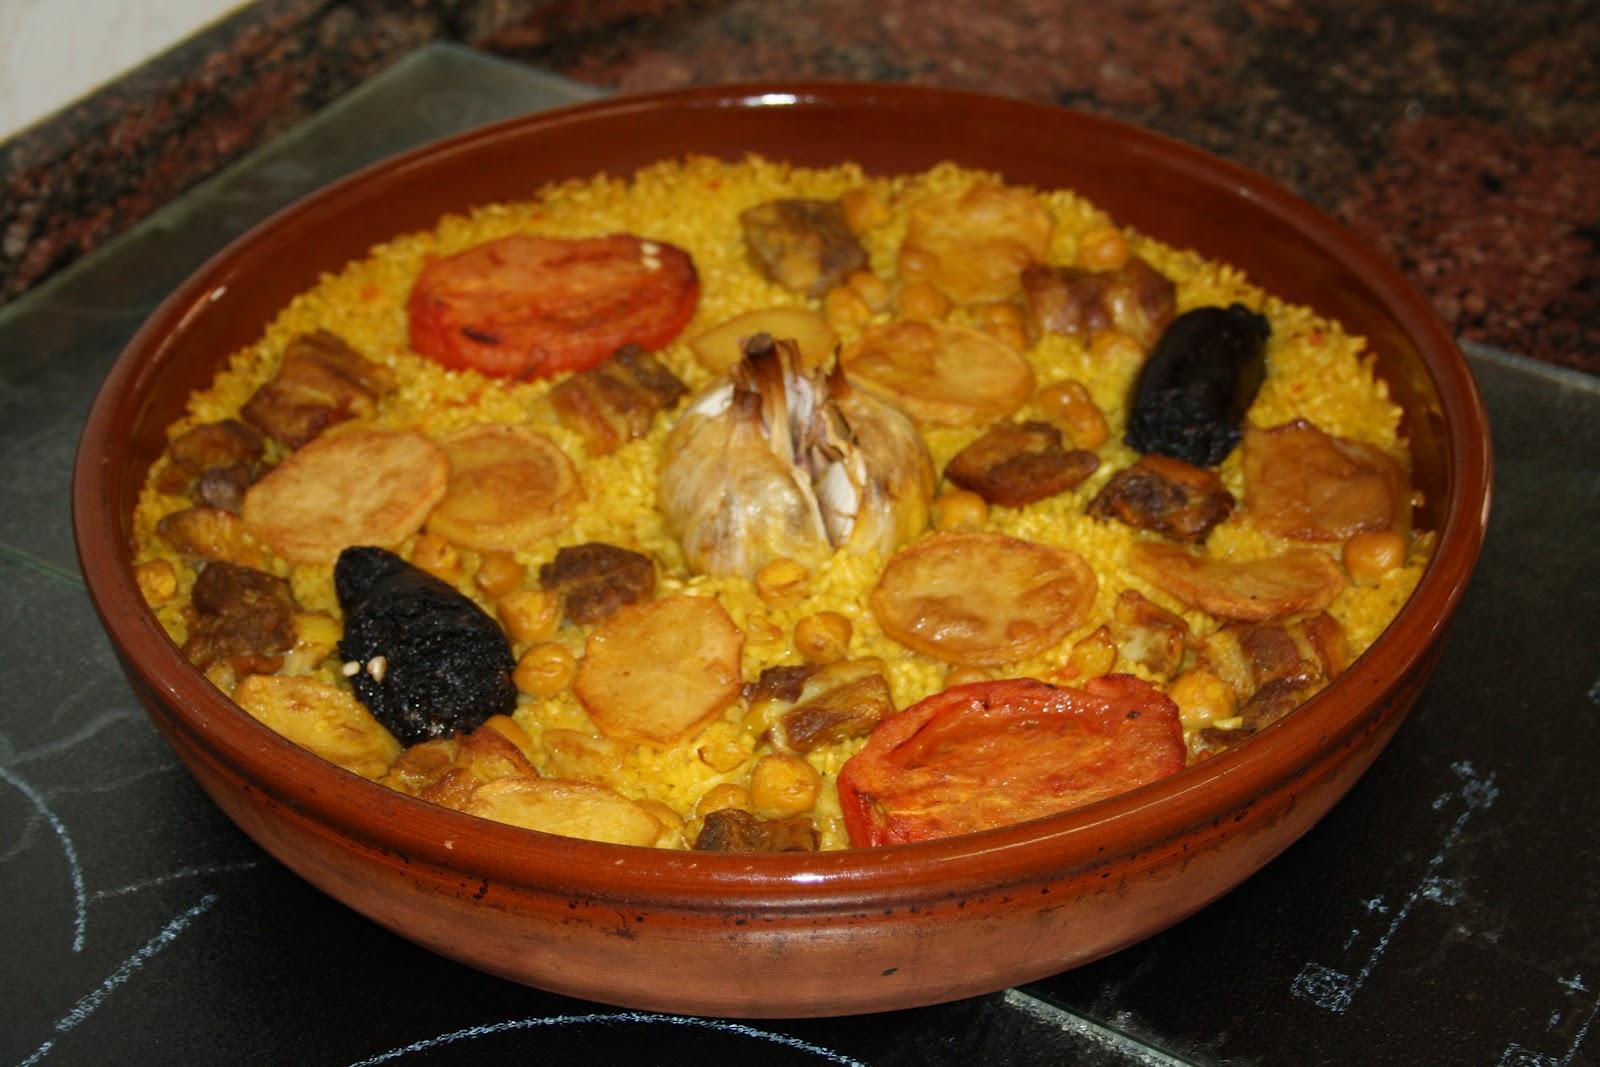 Receta de arroz al horno - Recetas de bogavante al horno ...